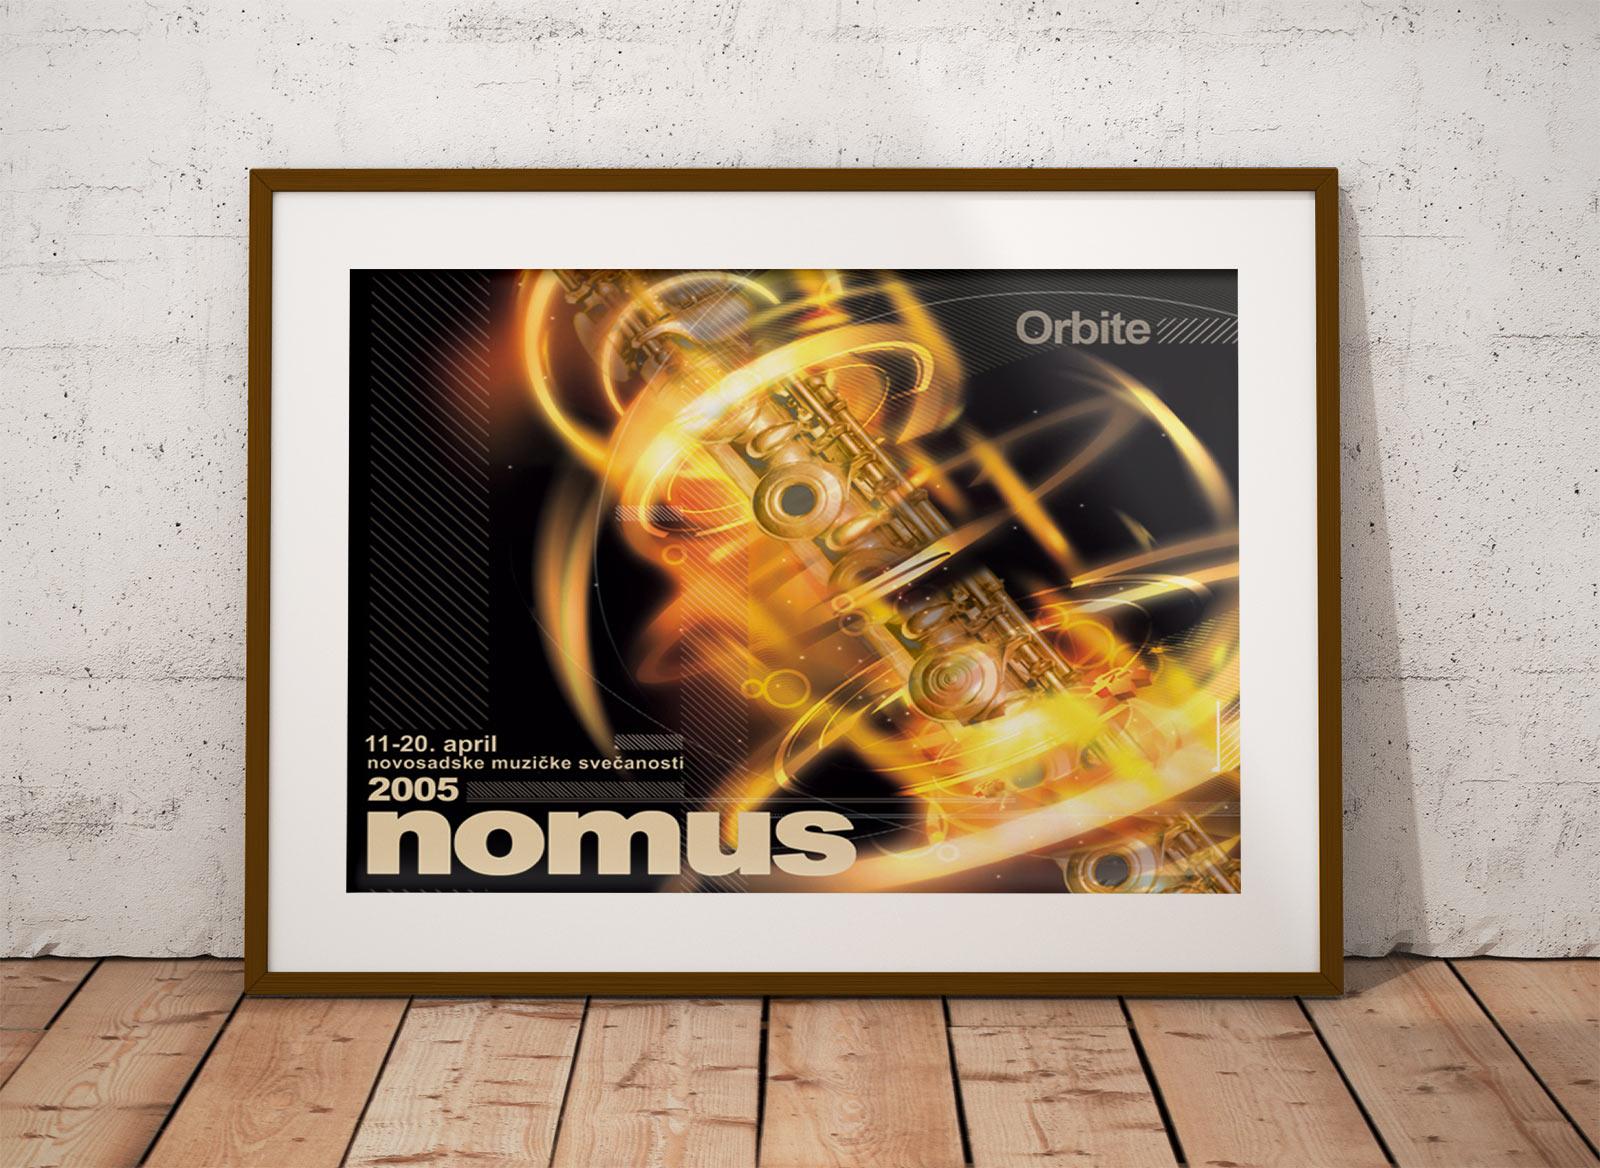 nomus-2005